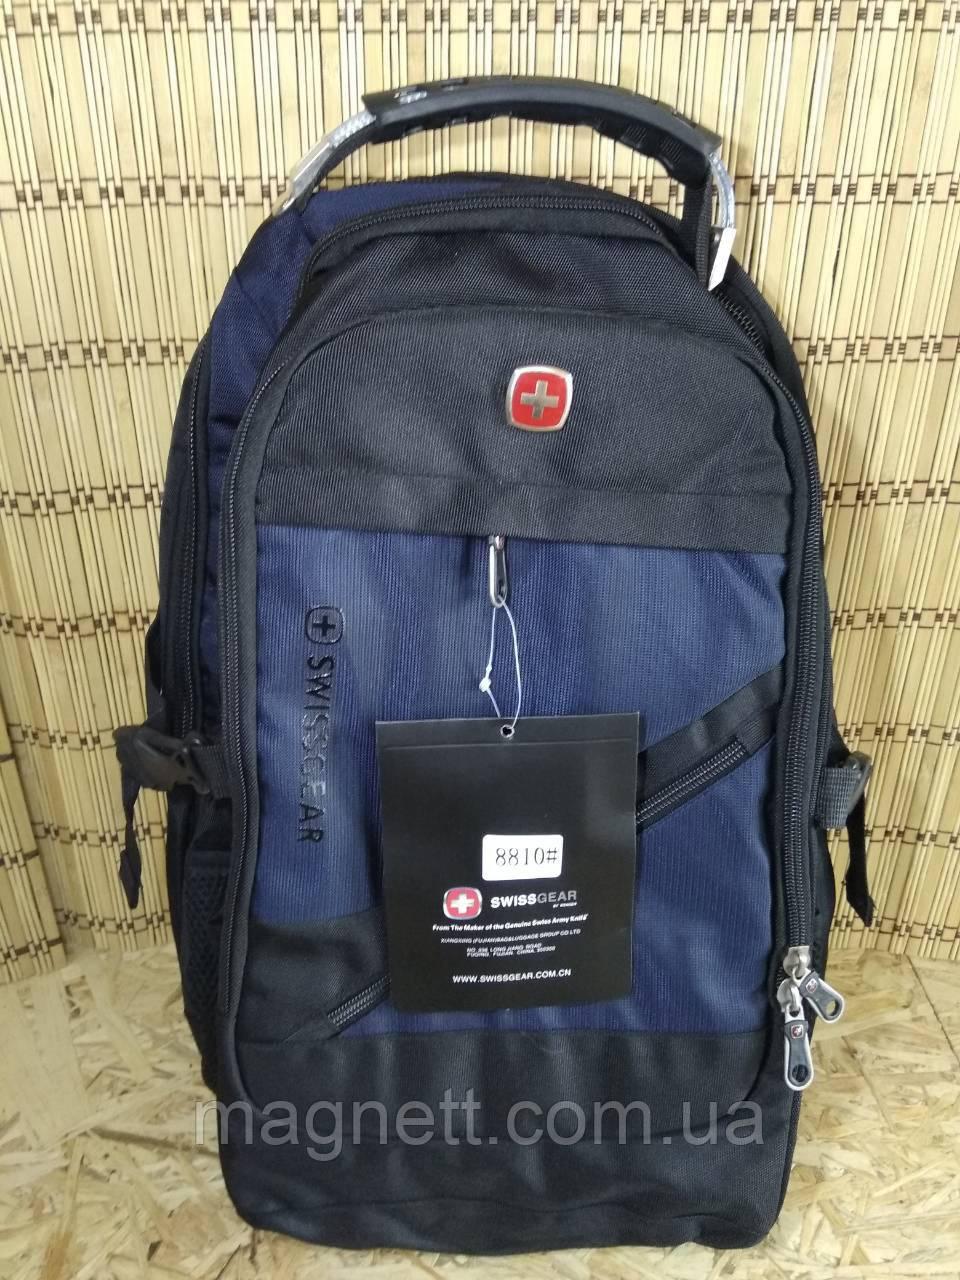 108630cf4292 Универсальный городской рюкзак Wenger SwissGear 8810(синий) - Интернет- Магазин <<MAGNET